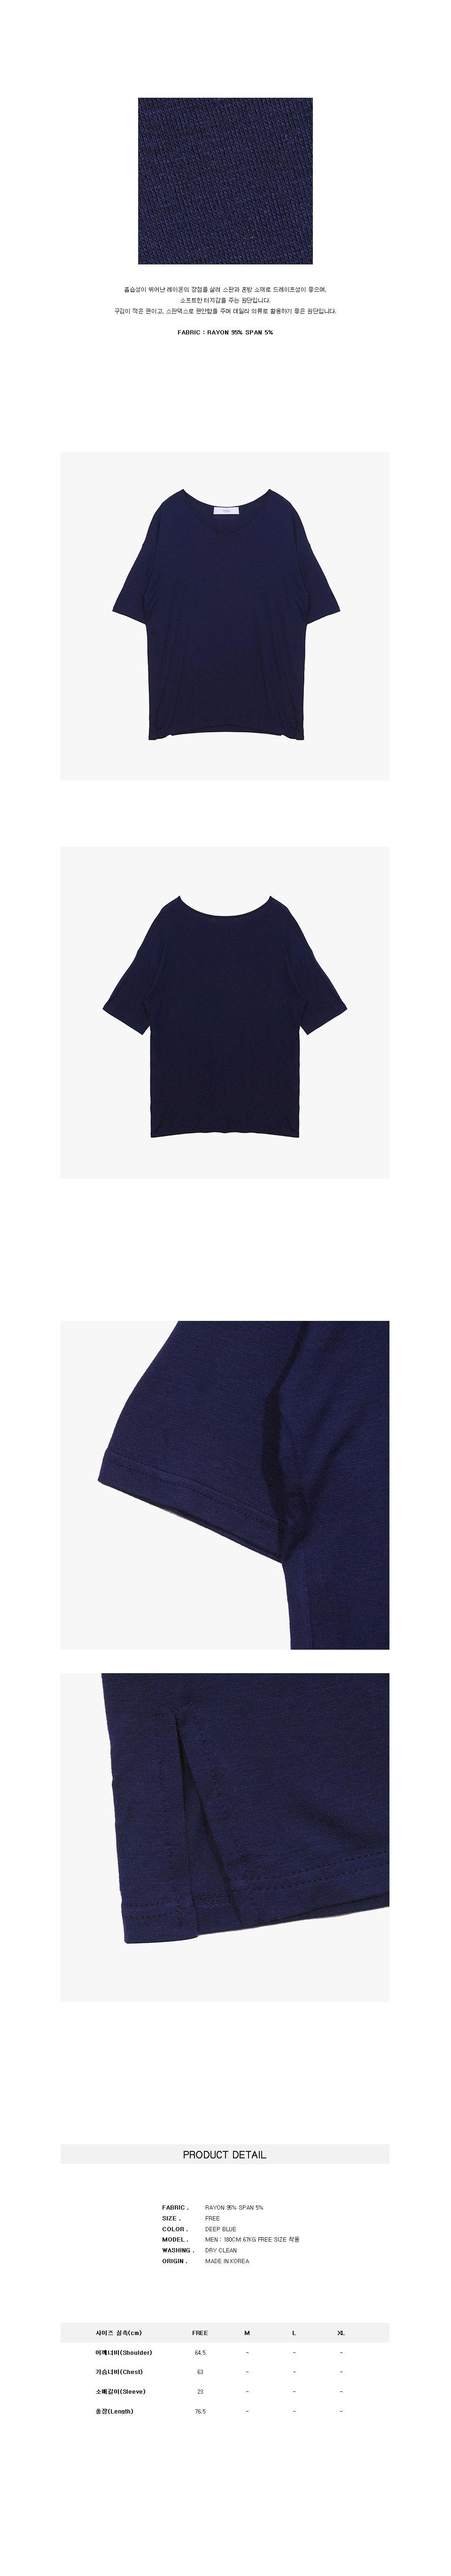 코우코우(COUCOU) 딥 라인 하프 티_딥 블루